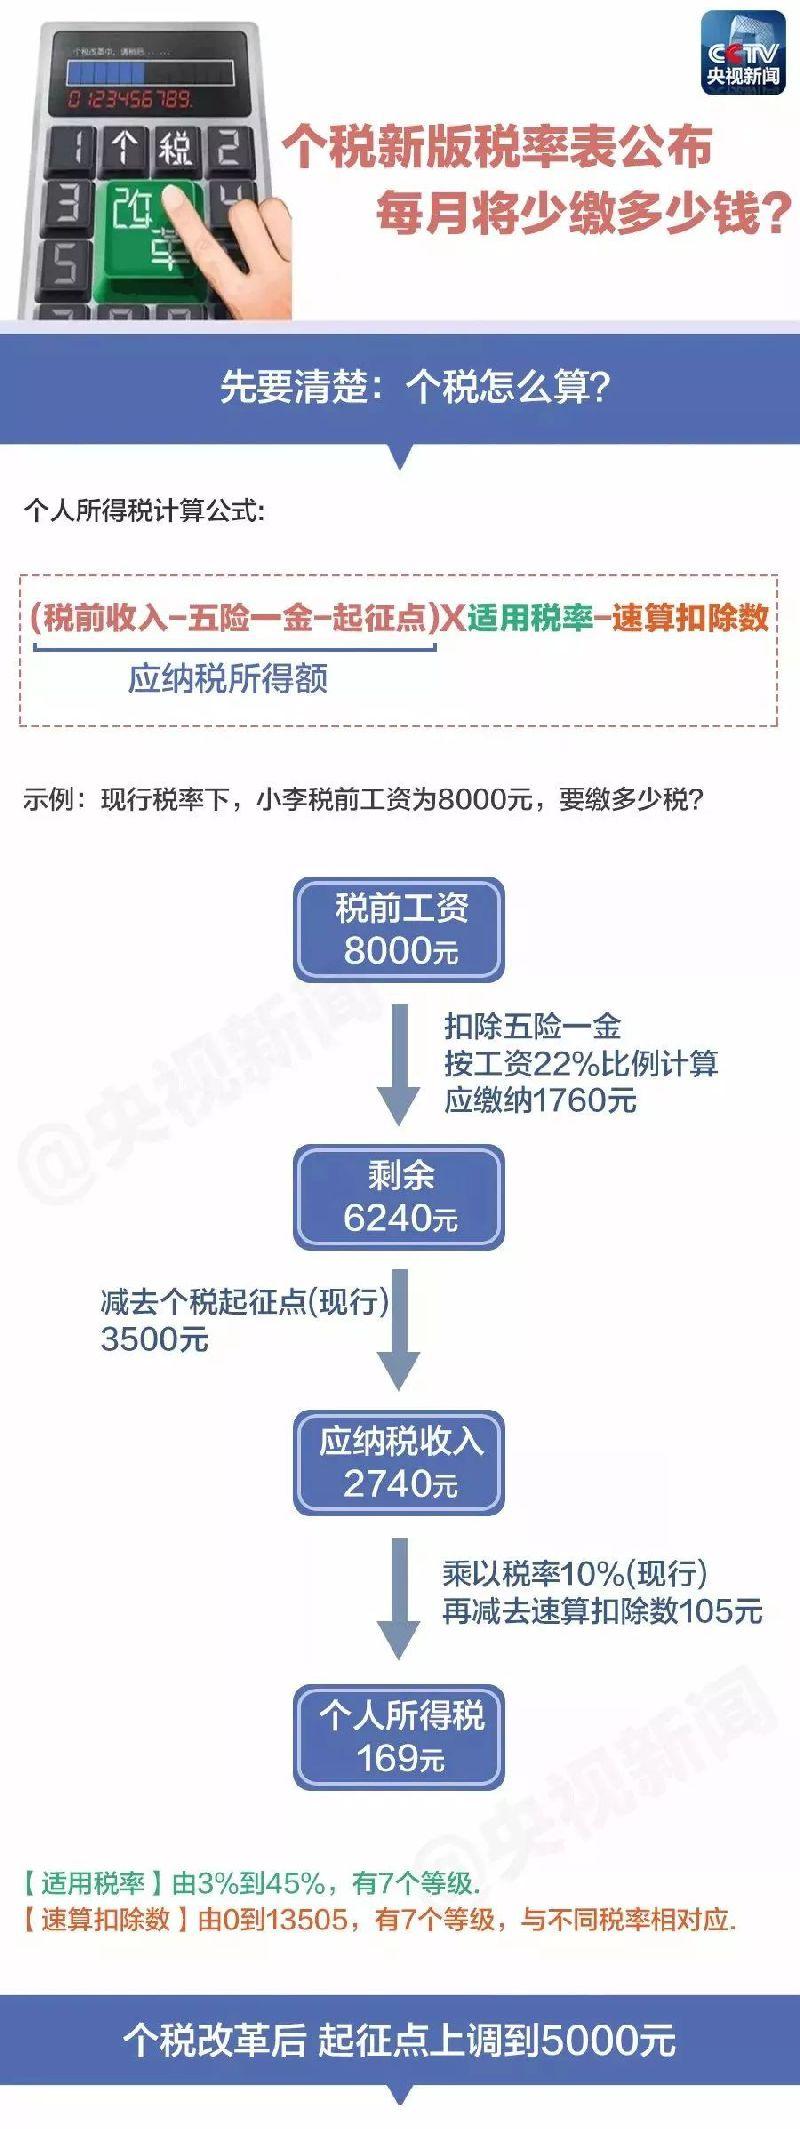 """新个税起征点有望于10月1日起执行 新版""""税率表""""公布"""